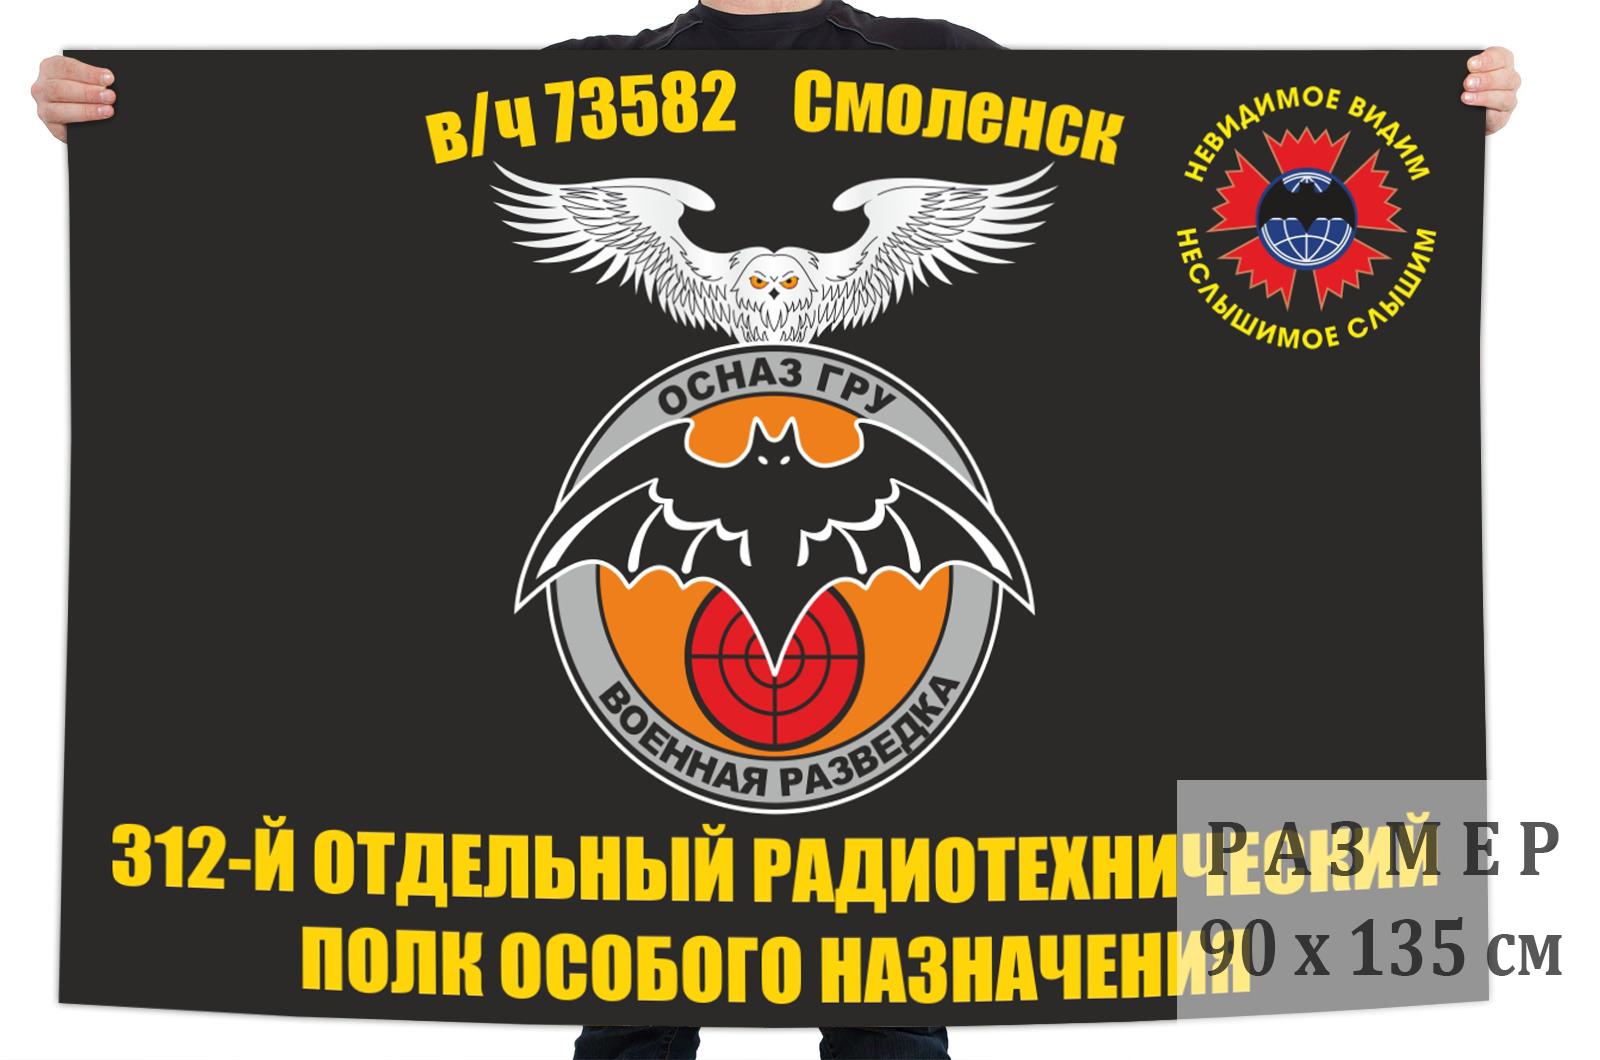 Флаг 312 отдельного радиотехнического полка особого назначения ГРУ